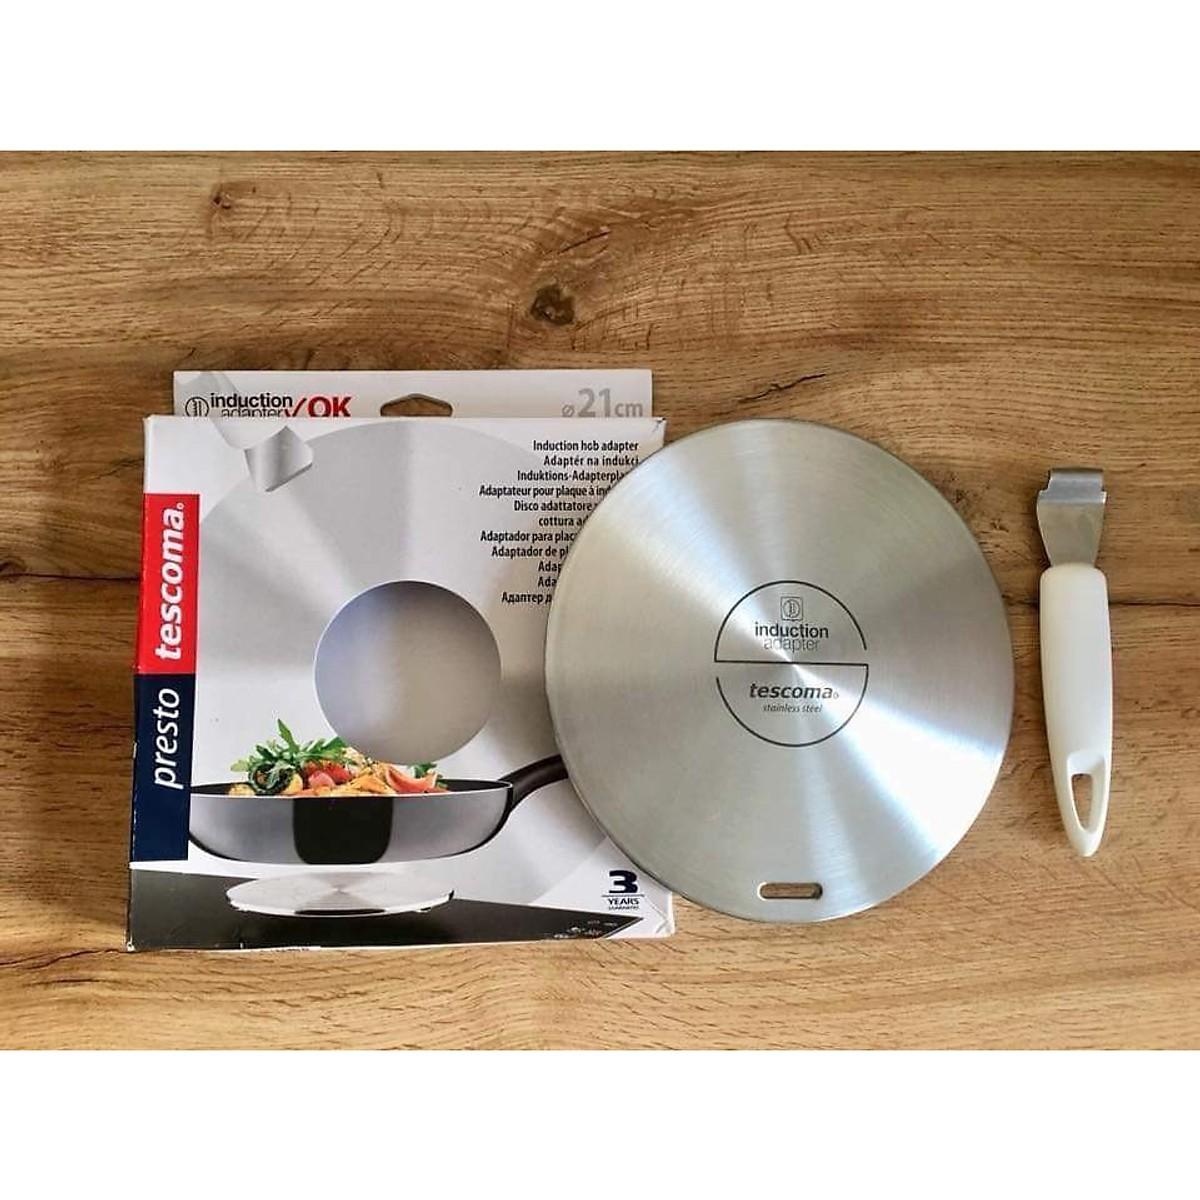 Combo Bếp điện từ kết hợp KAFF KF-FL109 + Đĩa chuyển nhiệt Tescoma Đức - Hàng Chính Hãng